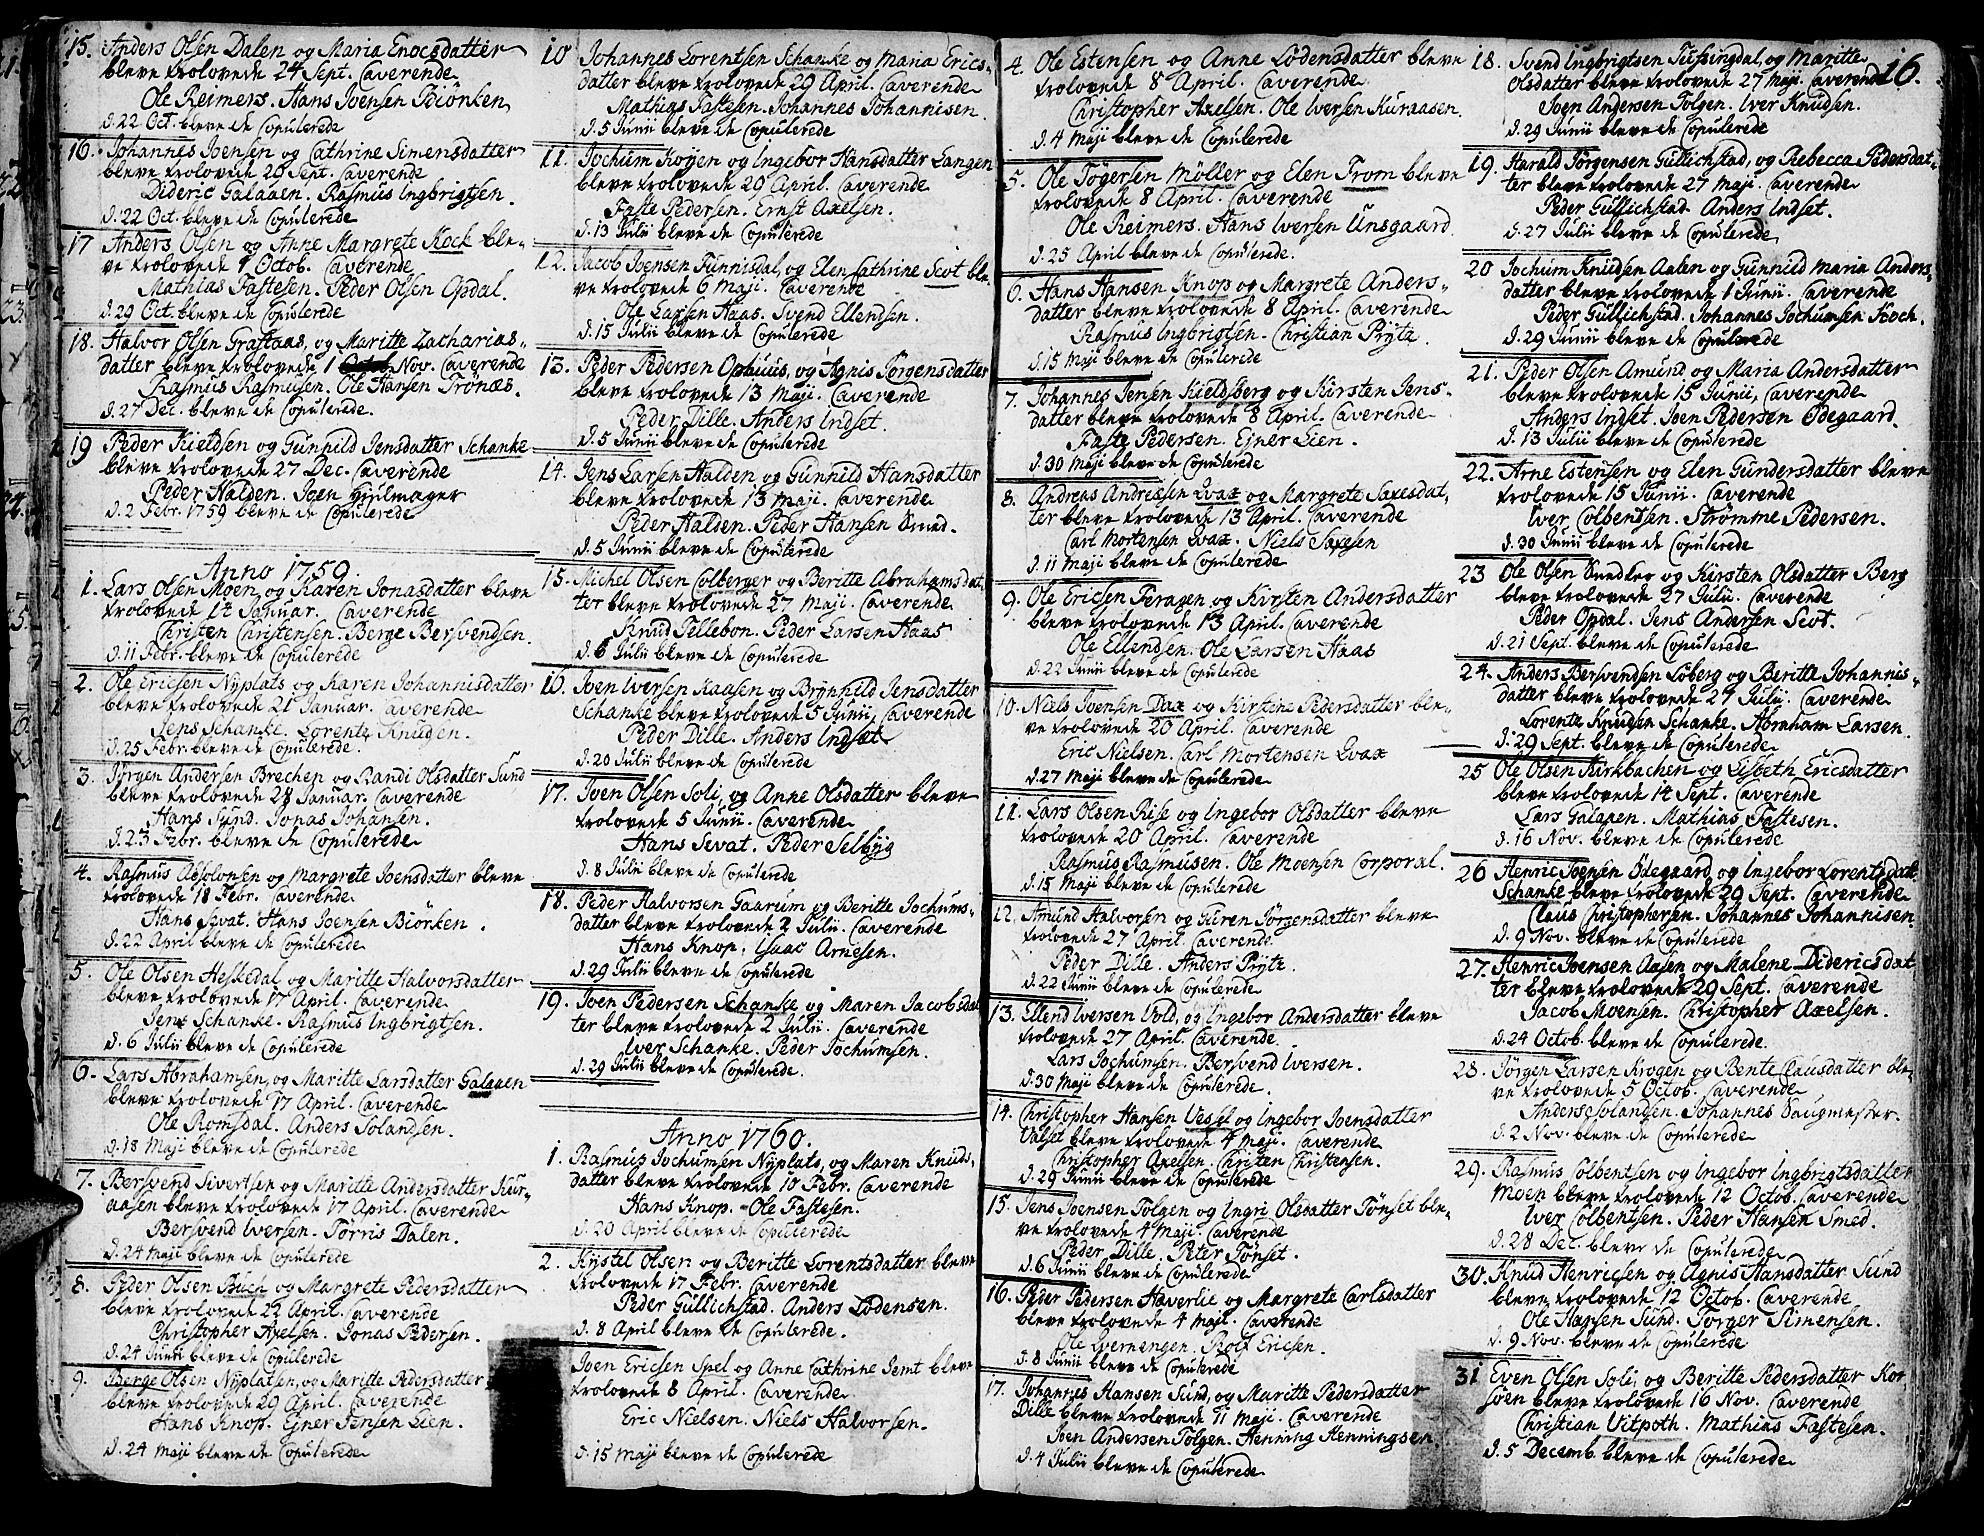 SAT, Ministerialprotokoller, klokkerbøker og fødselsregistre - Sør-Trøndelag, 681/L0925: Ministerialbok nr. 681A03, 1727-1766, s. 16